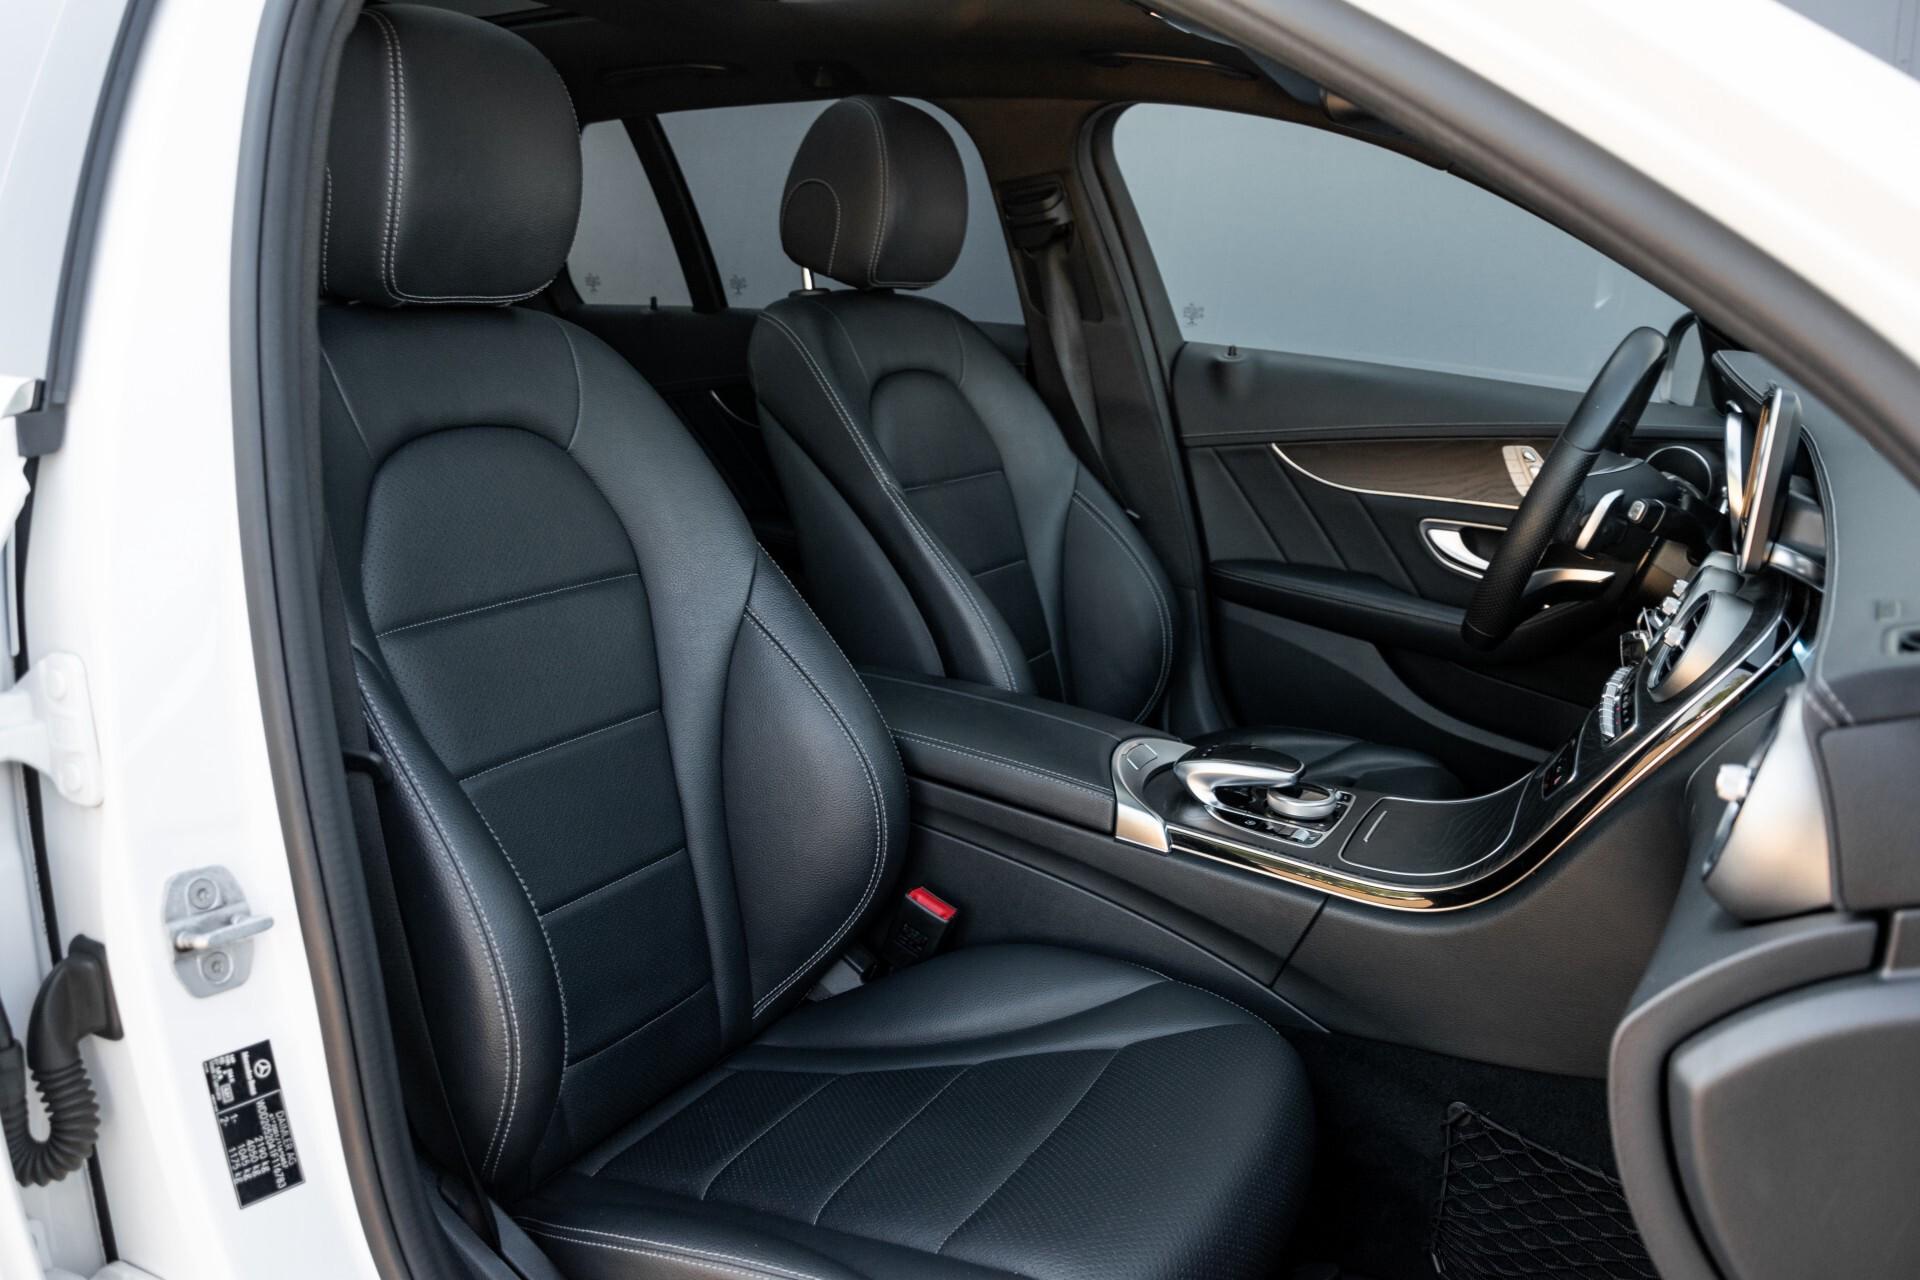 Mercedes-Benz C-Klasse Estate 220 Bluetec AMG Panorama/HUD/Memory Aut7 Foto 3